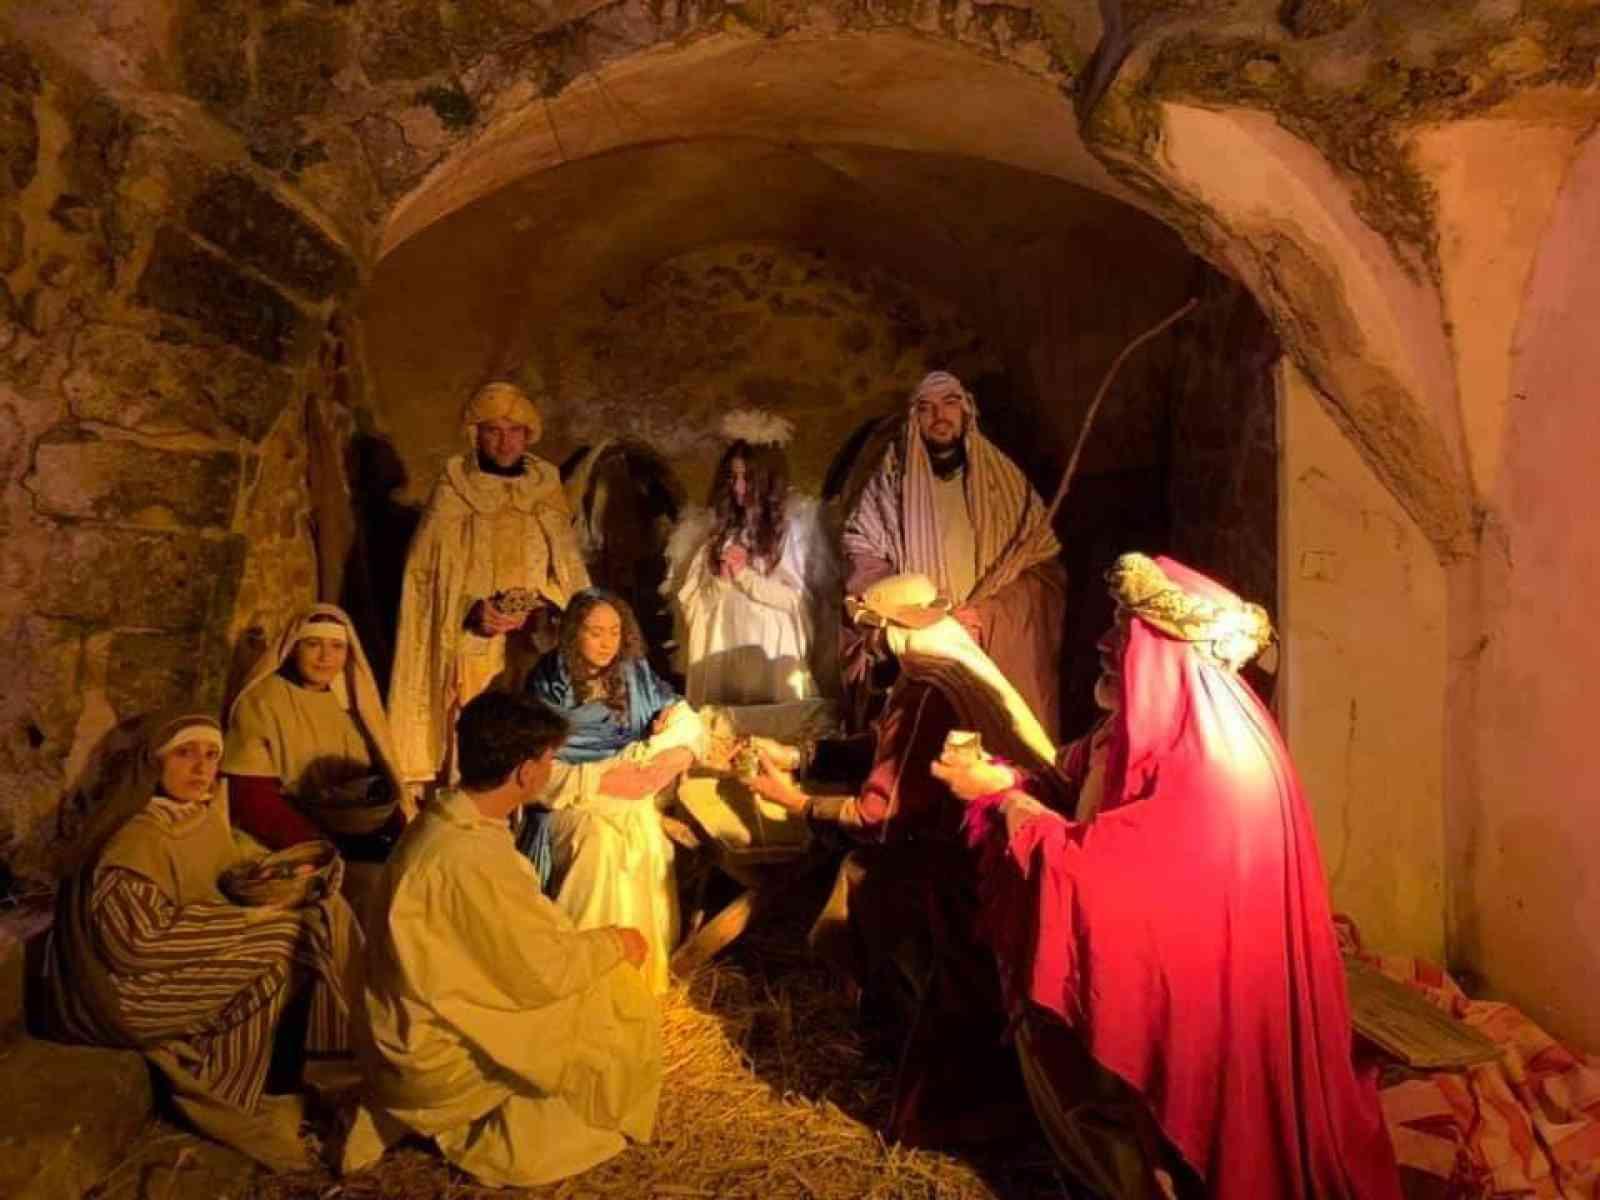 Immagine articolo: Presepe vivente questa sera a Sambuca di Sicilia ultimo giorno. Oltre 200 i figuranti